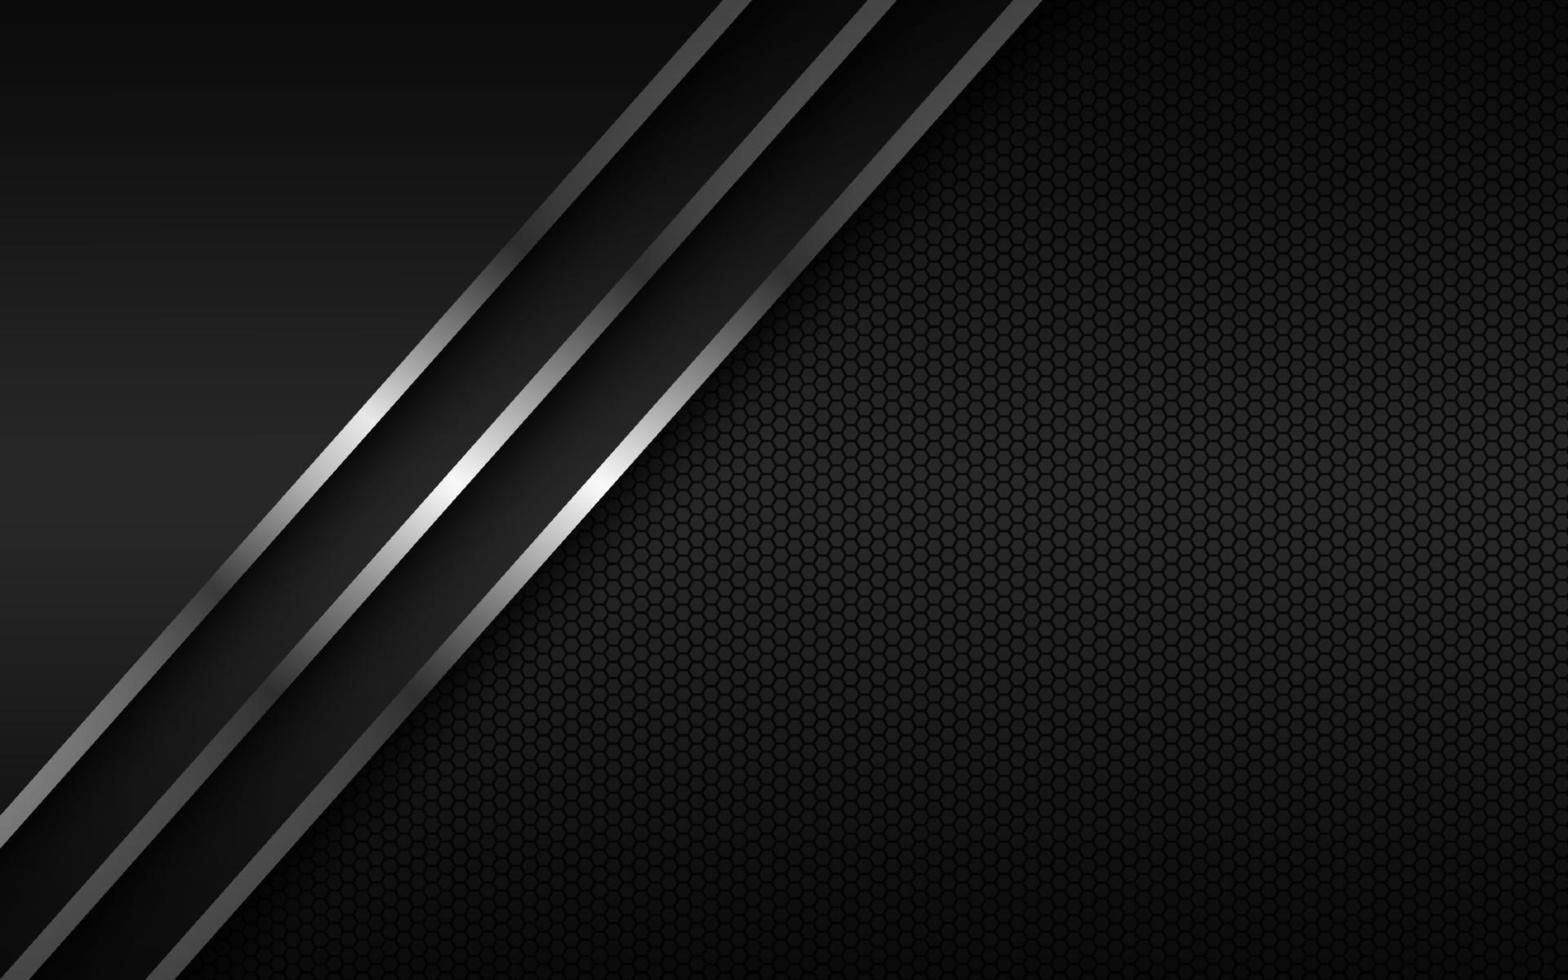 fondo abstracto con líneas plateadas en capas superpuestas y patrón poligonal. plantilla para su banner y presentación. ilustración de diseño vectorial moderno vector